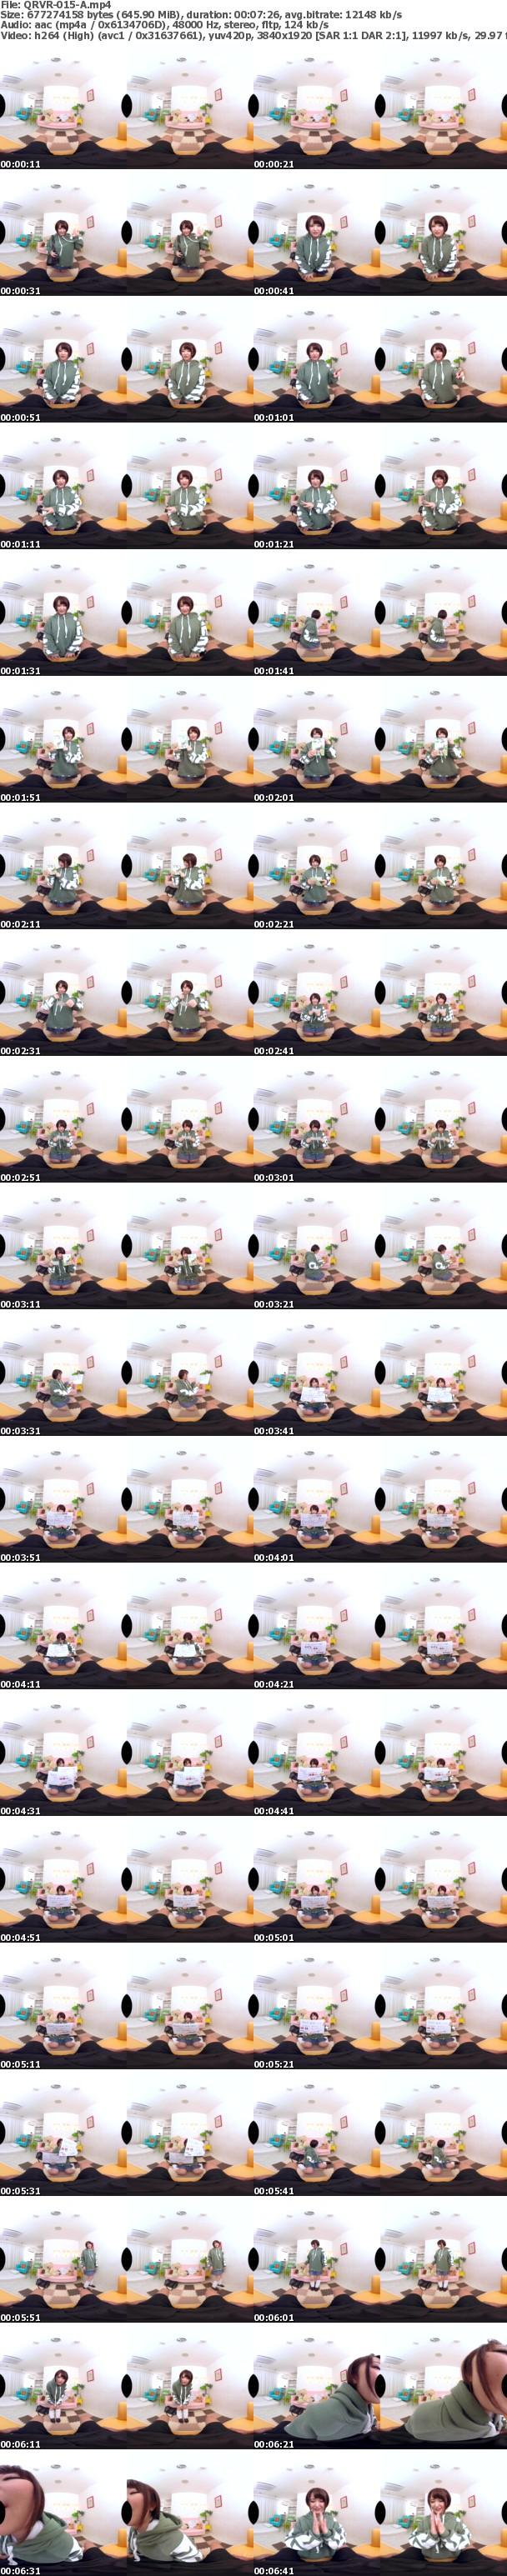 VR/3D QRVR-015 3DVR 清楚で可愛い僕の妹が突然ギャルビッチ化していた件。 イクイク早漏妹と排卵日子作り生活Vol.002 深田結梨